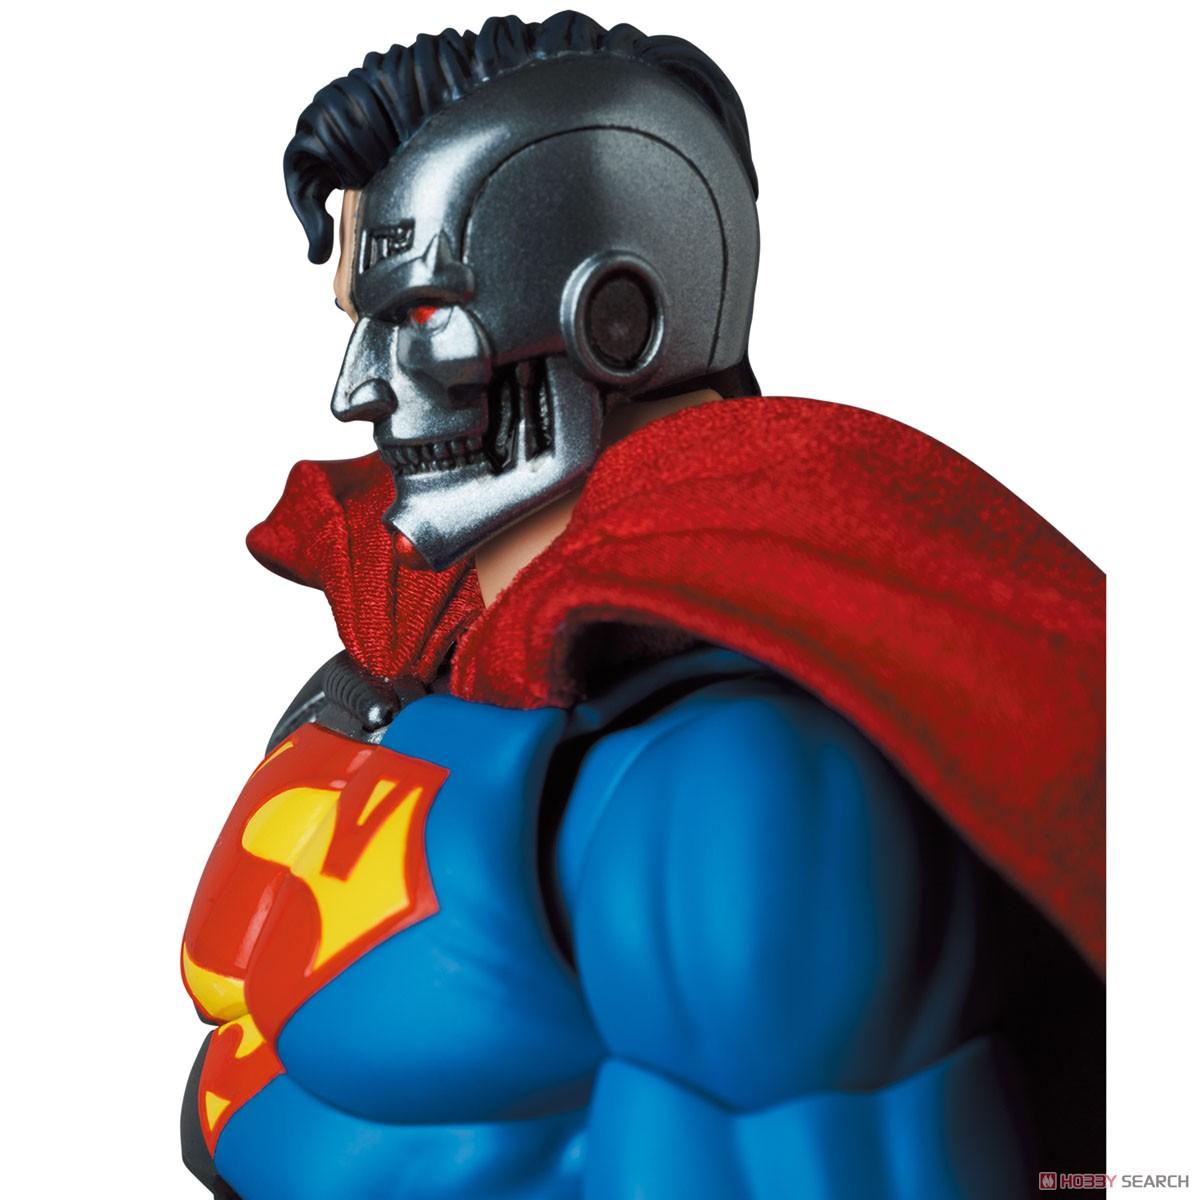 マフェックス No.164 MAFEX『サイボーグ スーパーマン/CYBORG SUPERMAN(RETURN OF SUPERMAN)』リターン・オブ・スーパーマン 可動フィギュア-007